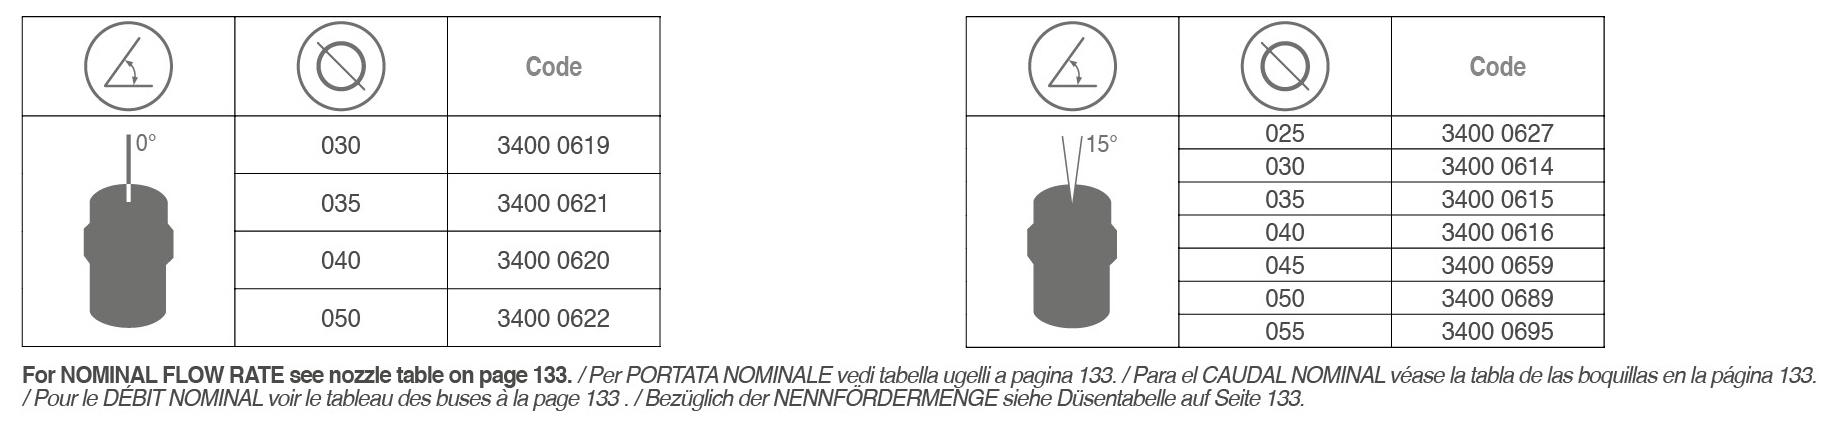 Ceramic 500b UnPack Nozzle tabelle 02